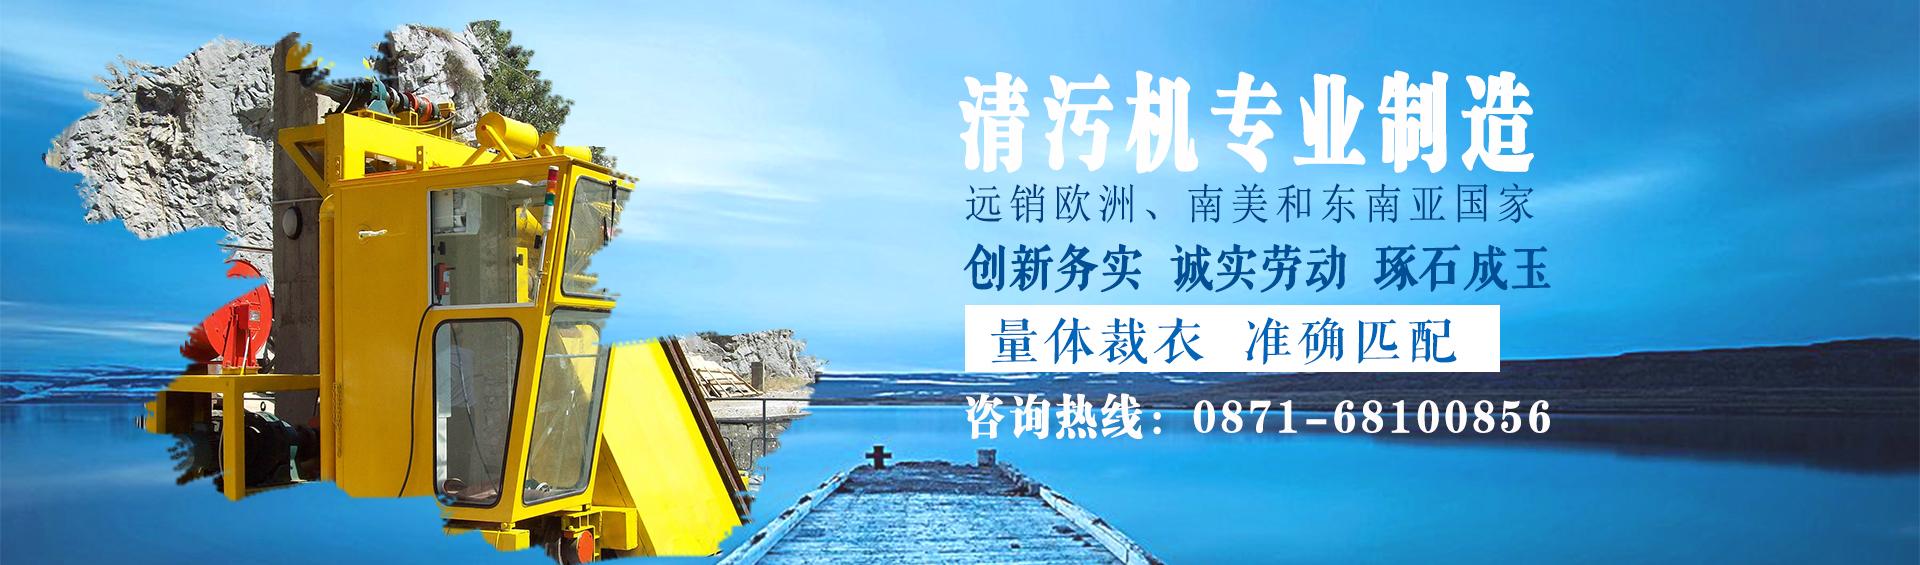 云南昆明清污机